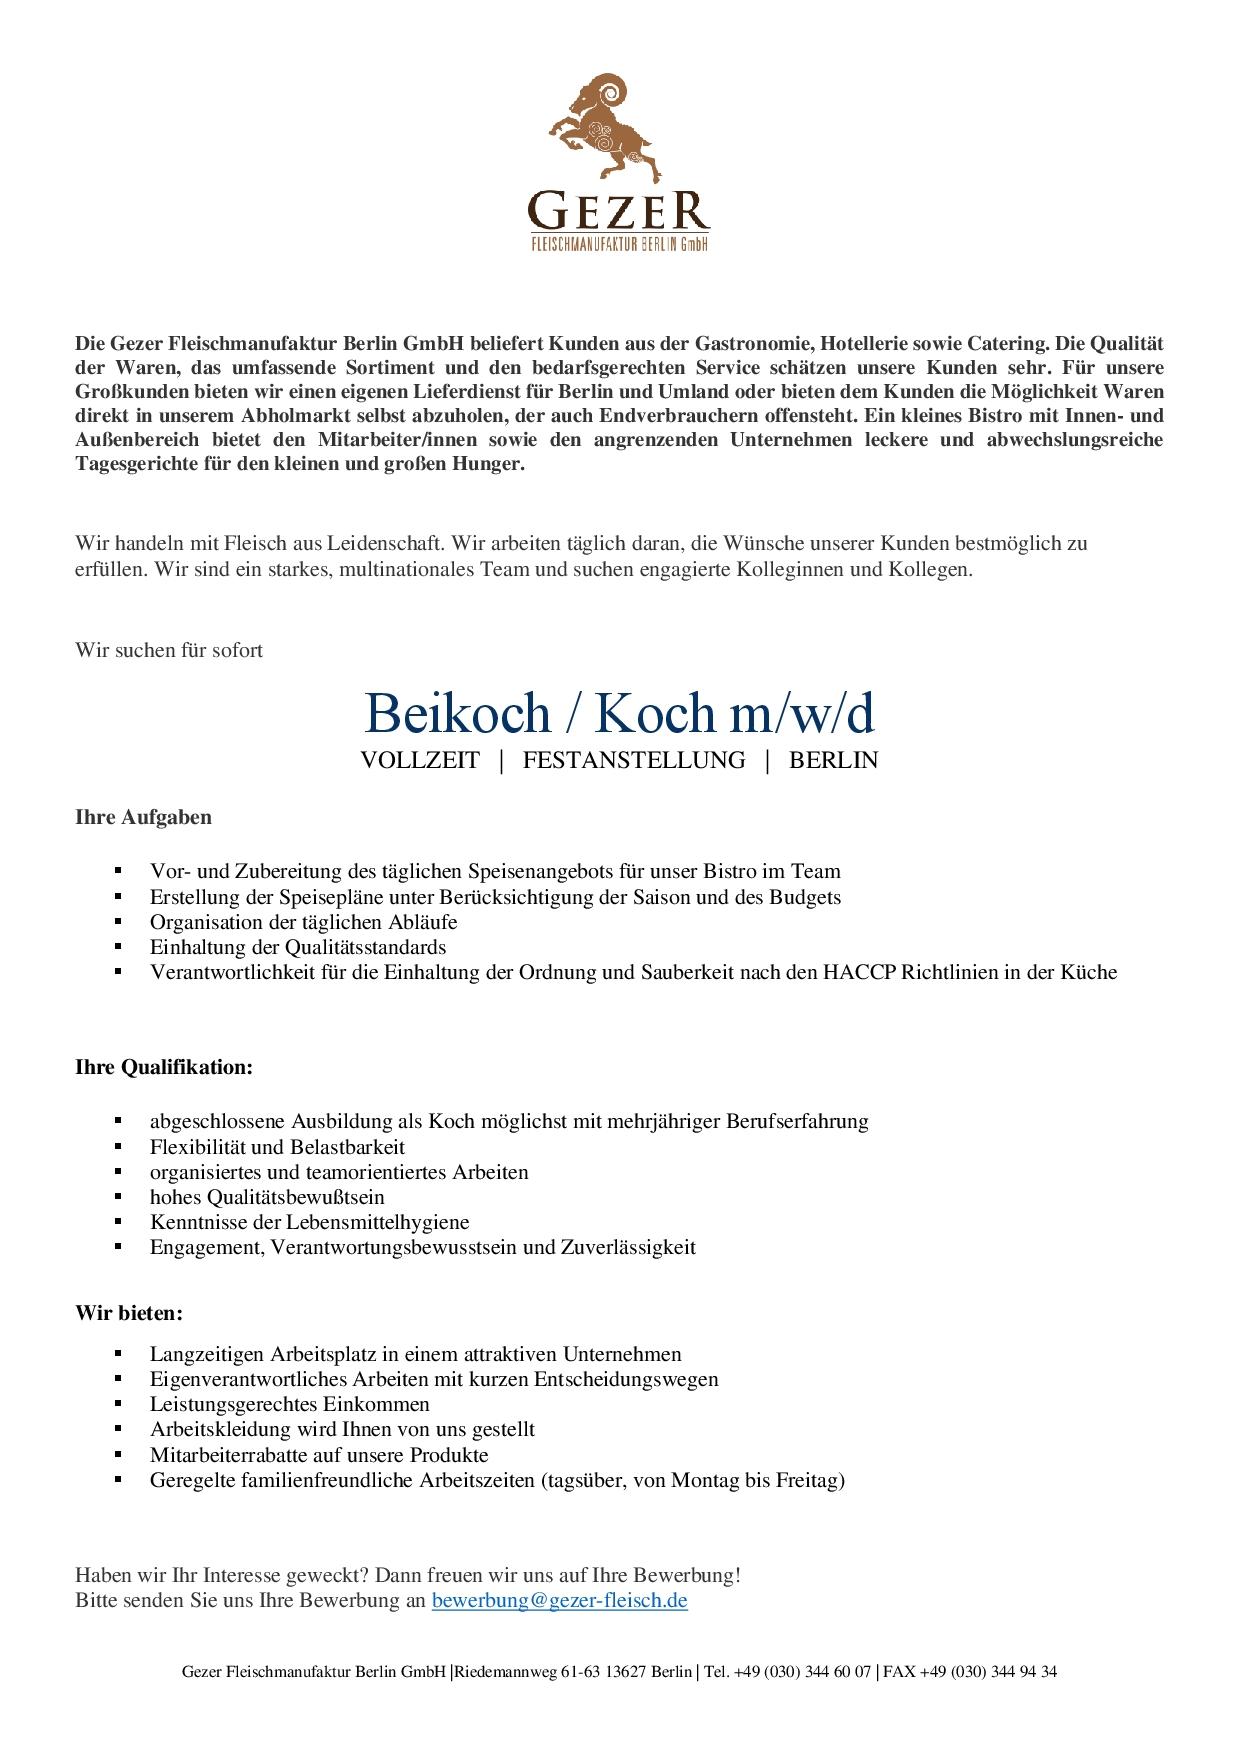 Ausschreibung Beikoch _ Koch